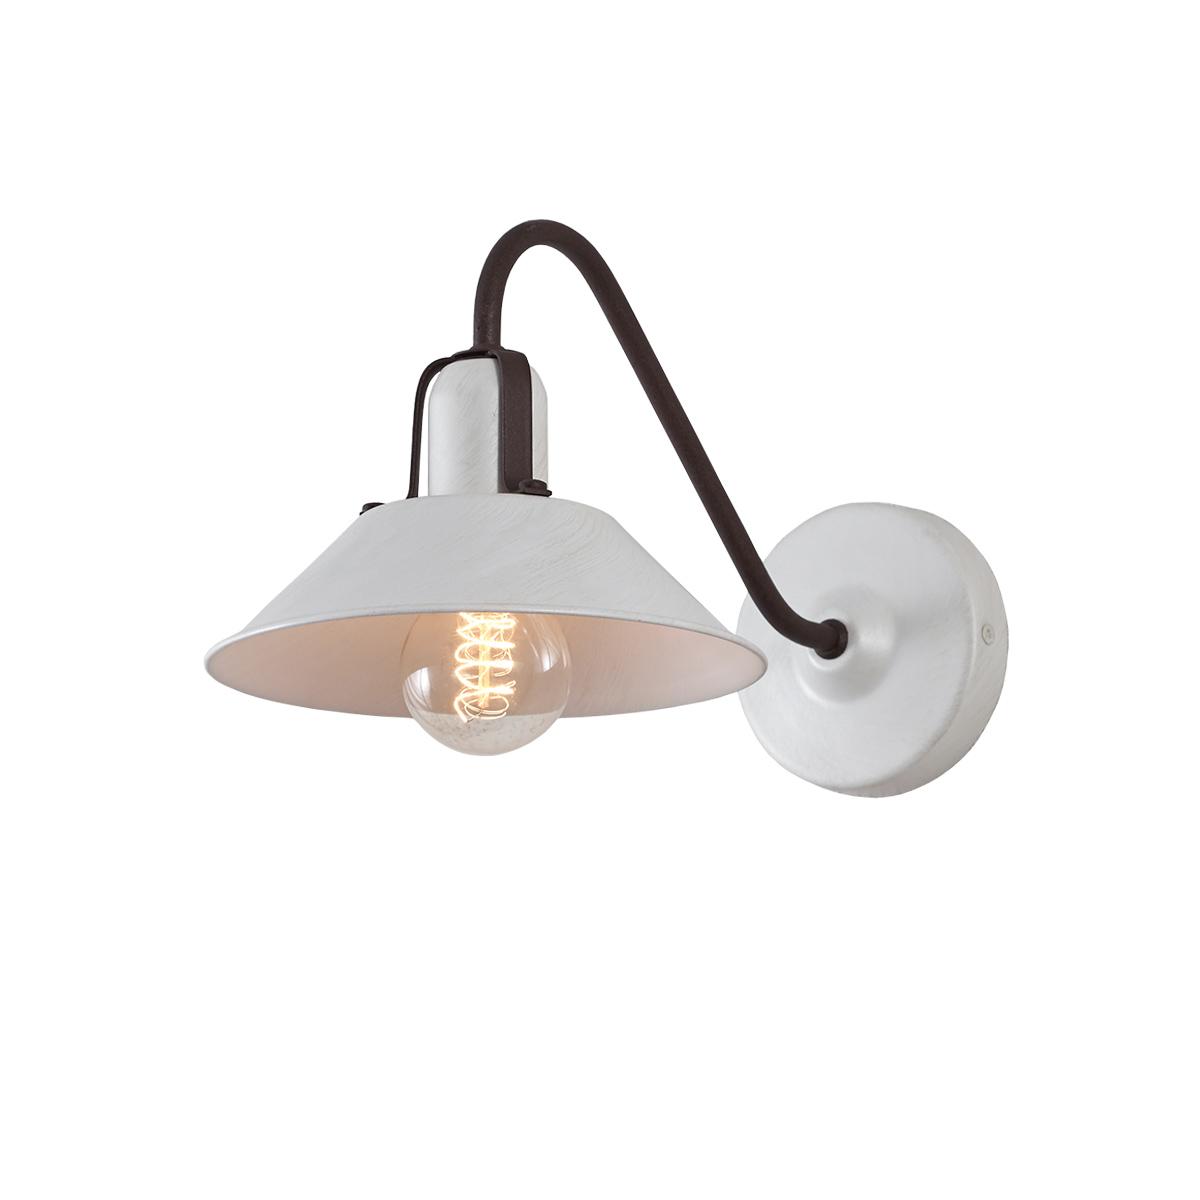 Ρετρό επιτοίχιο φωτιστικό σε λευκή πατίνα ΜΗΛΟΣ white patinated retro wall lamp